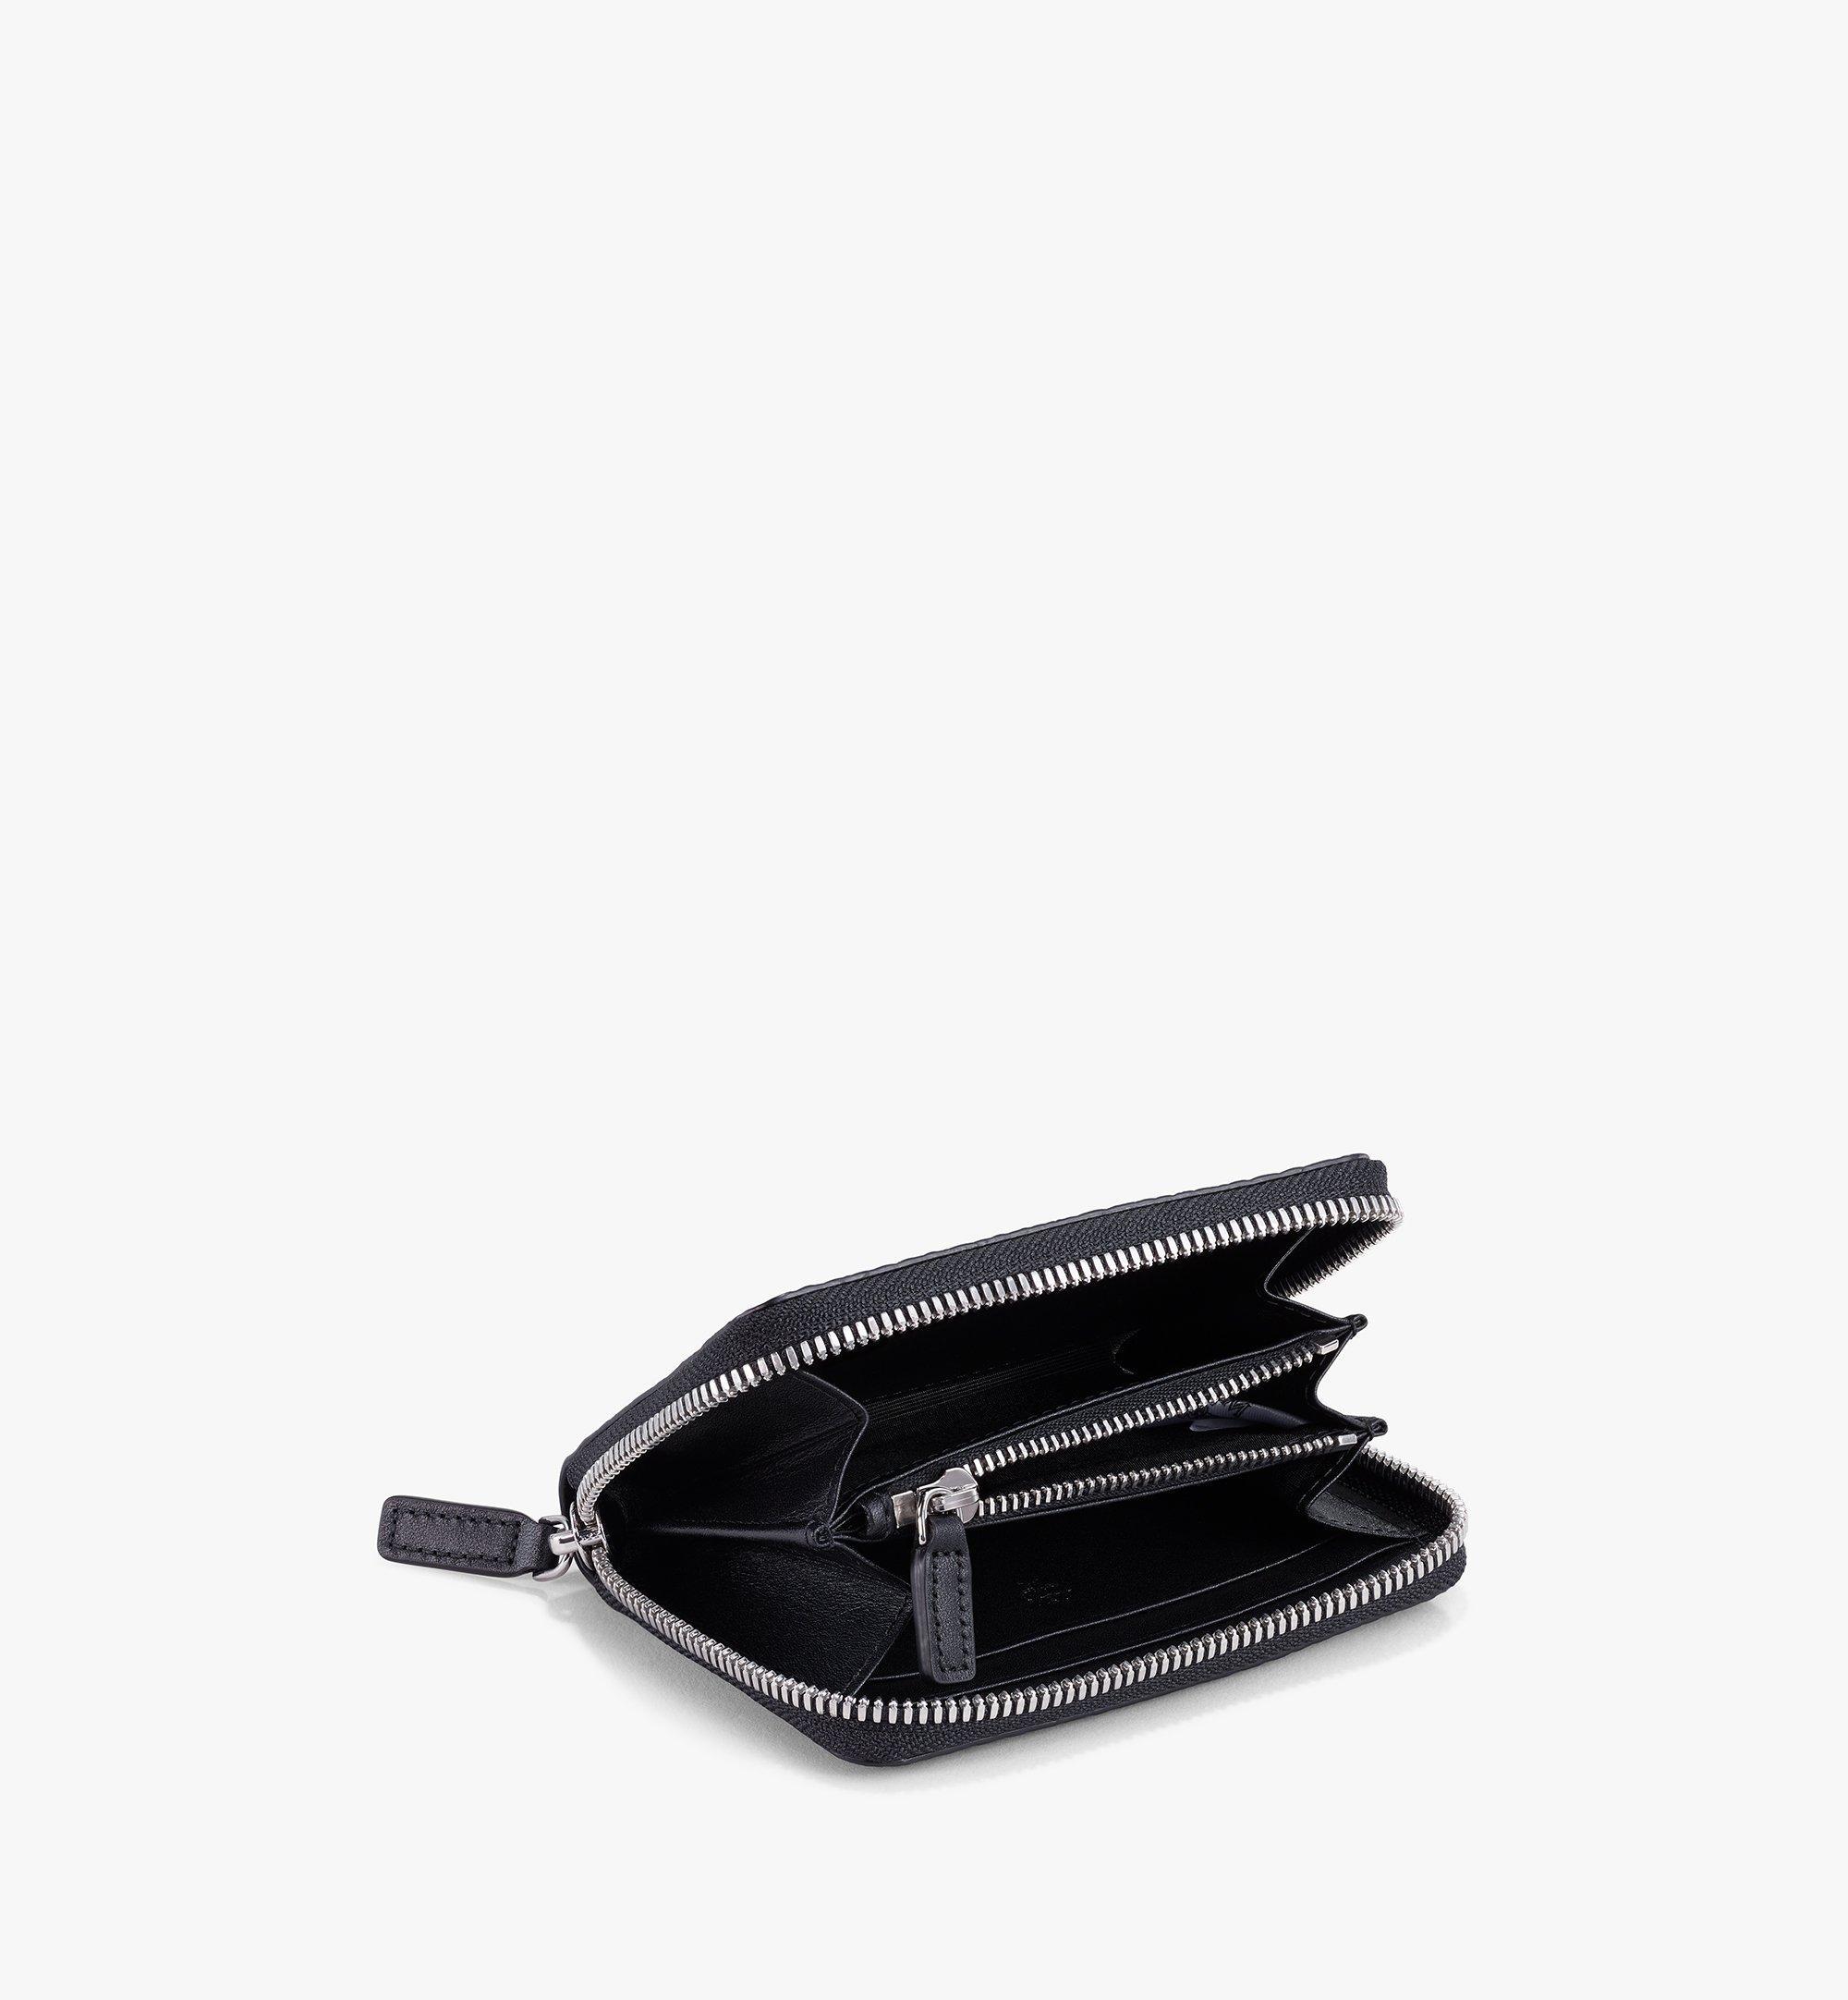 MCM Brieftasche in Visetos Original mit Reissverschluss Black MYLAAVI03BK001 Noch mehr sehen 1